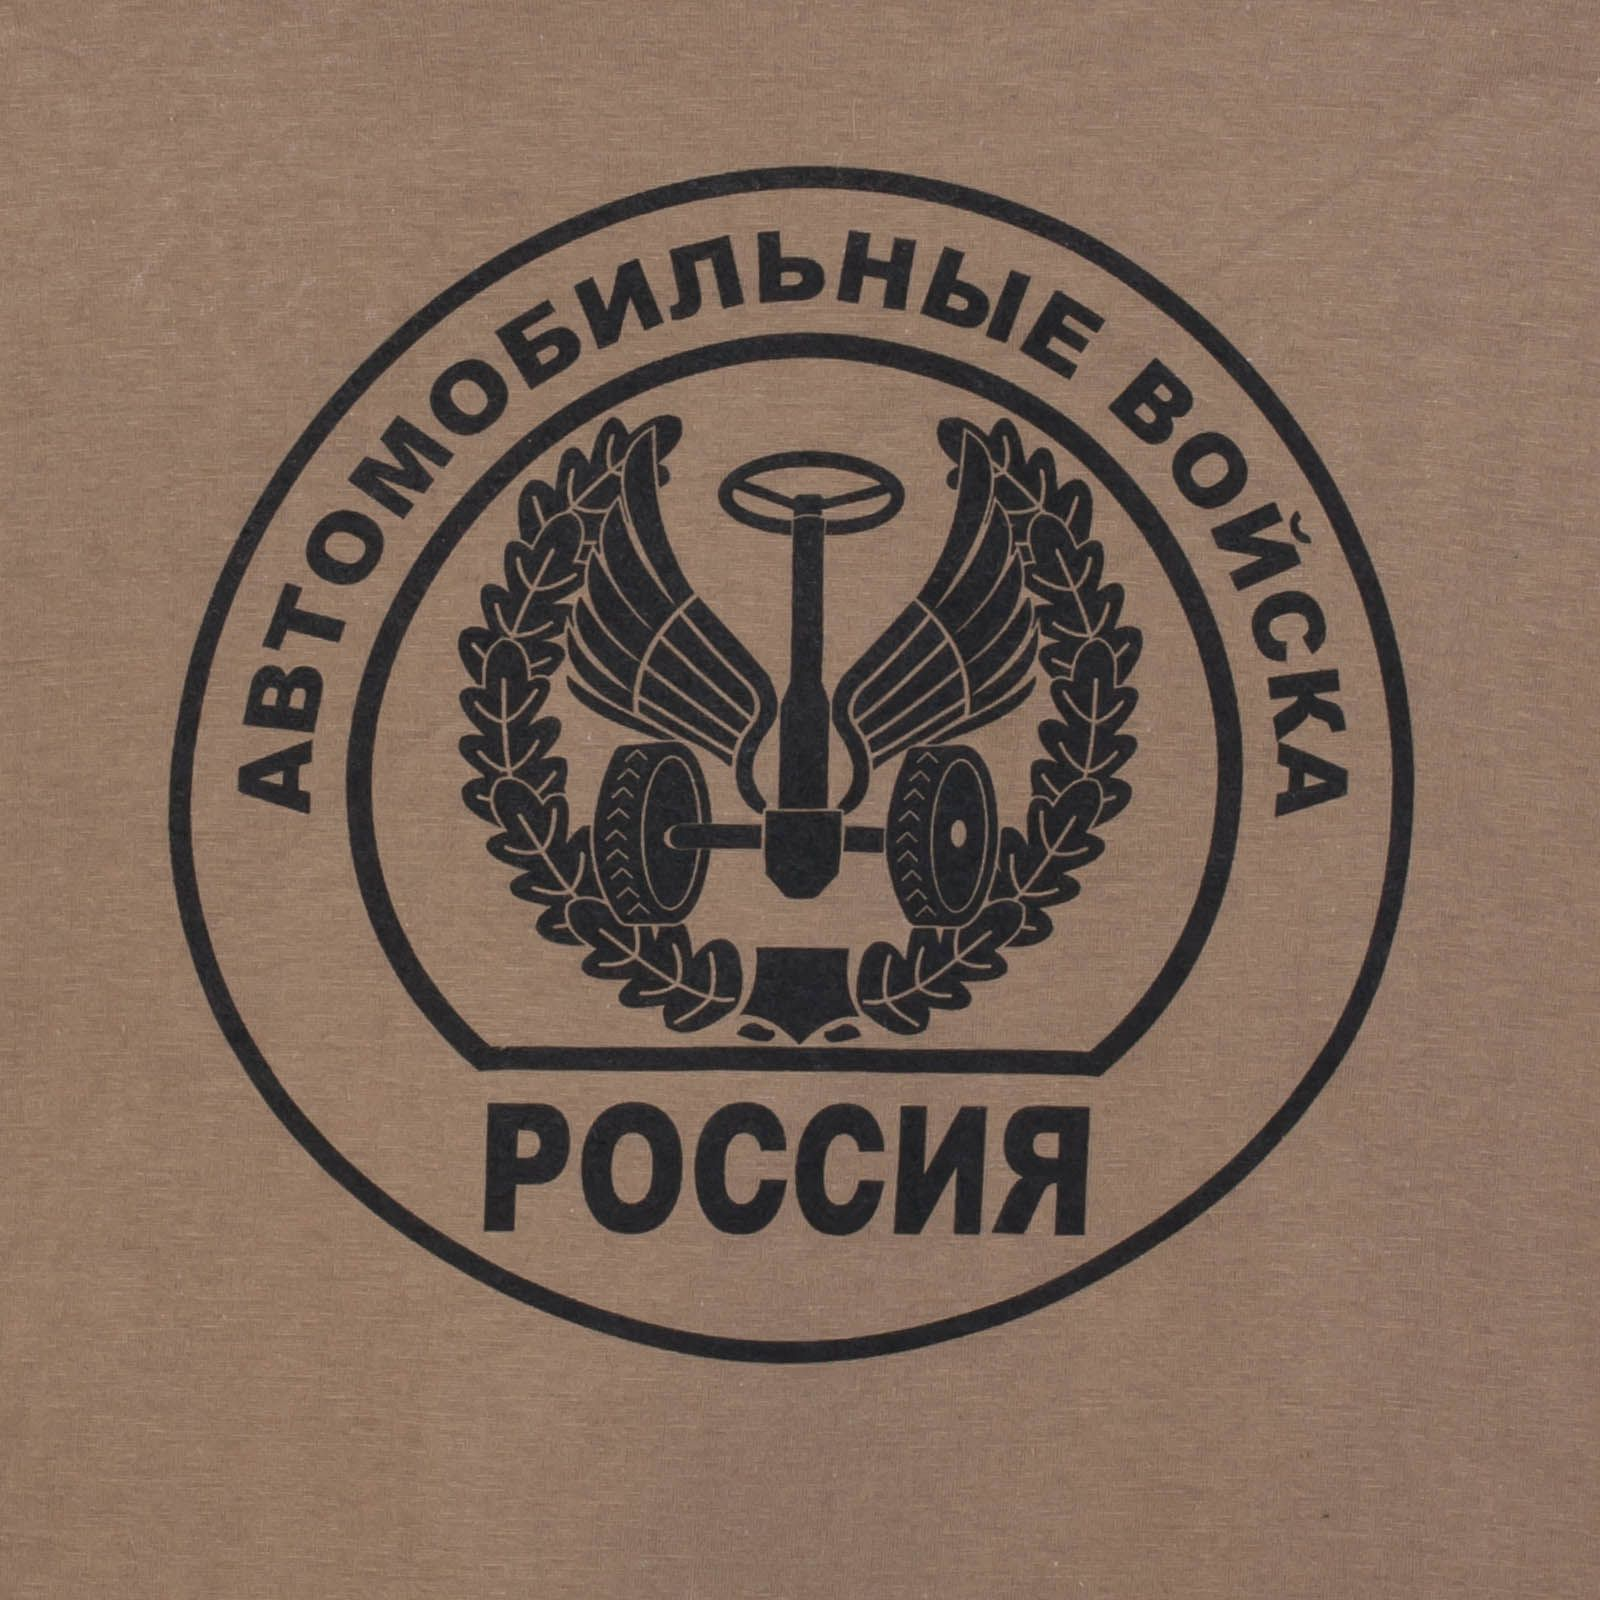 Футболка с эмблемой Автомобильных войск - принт